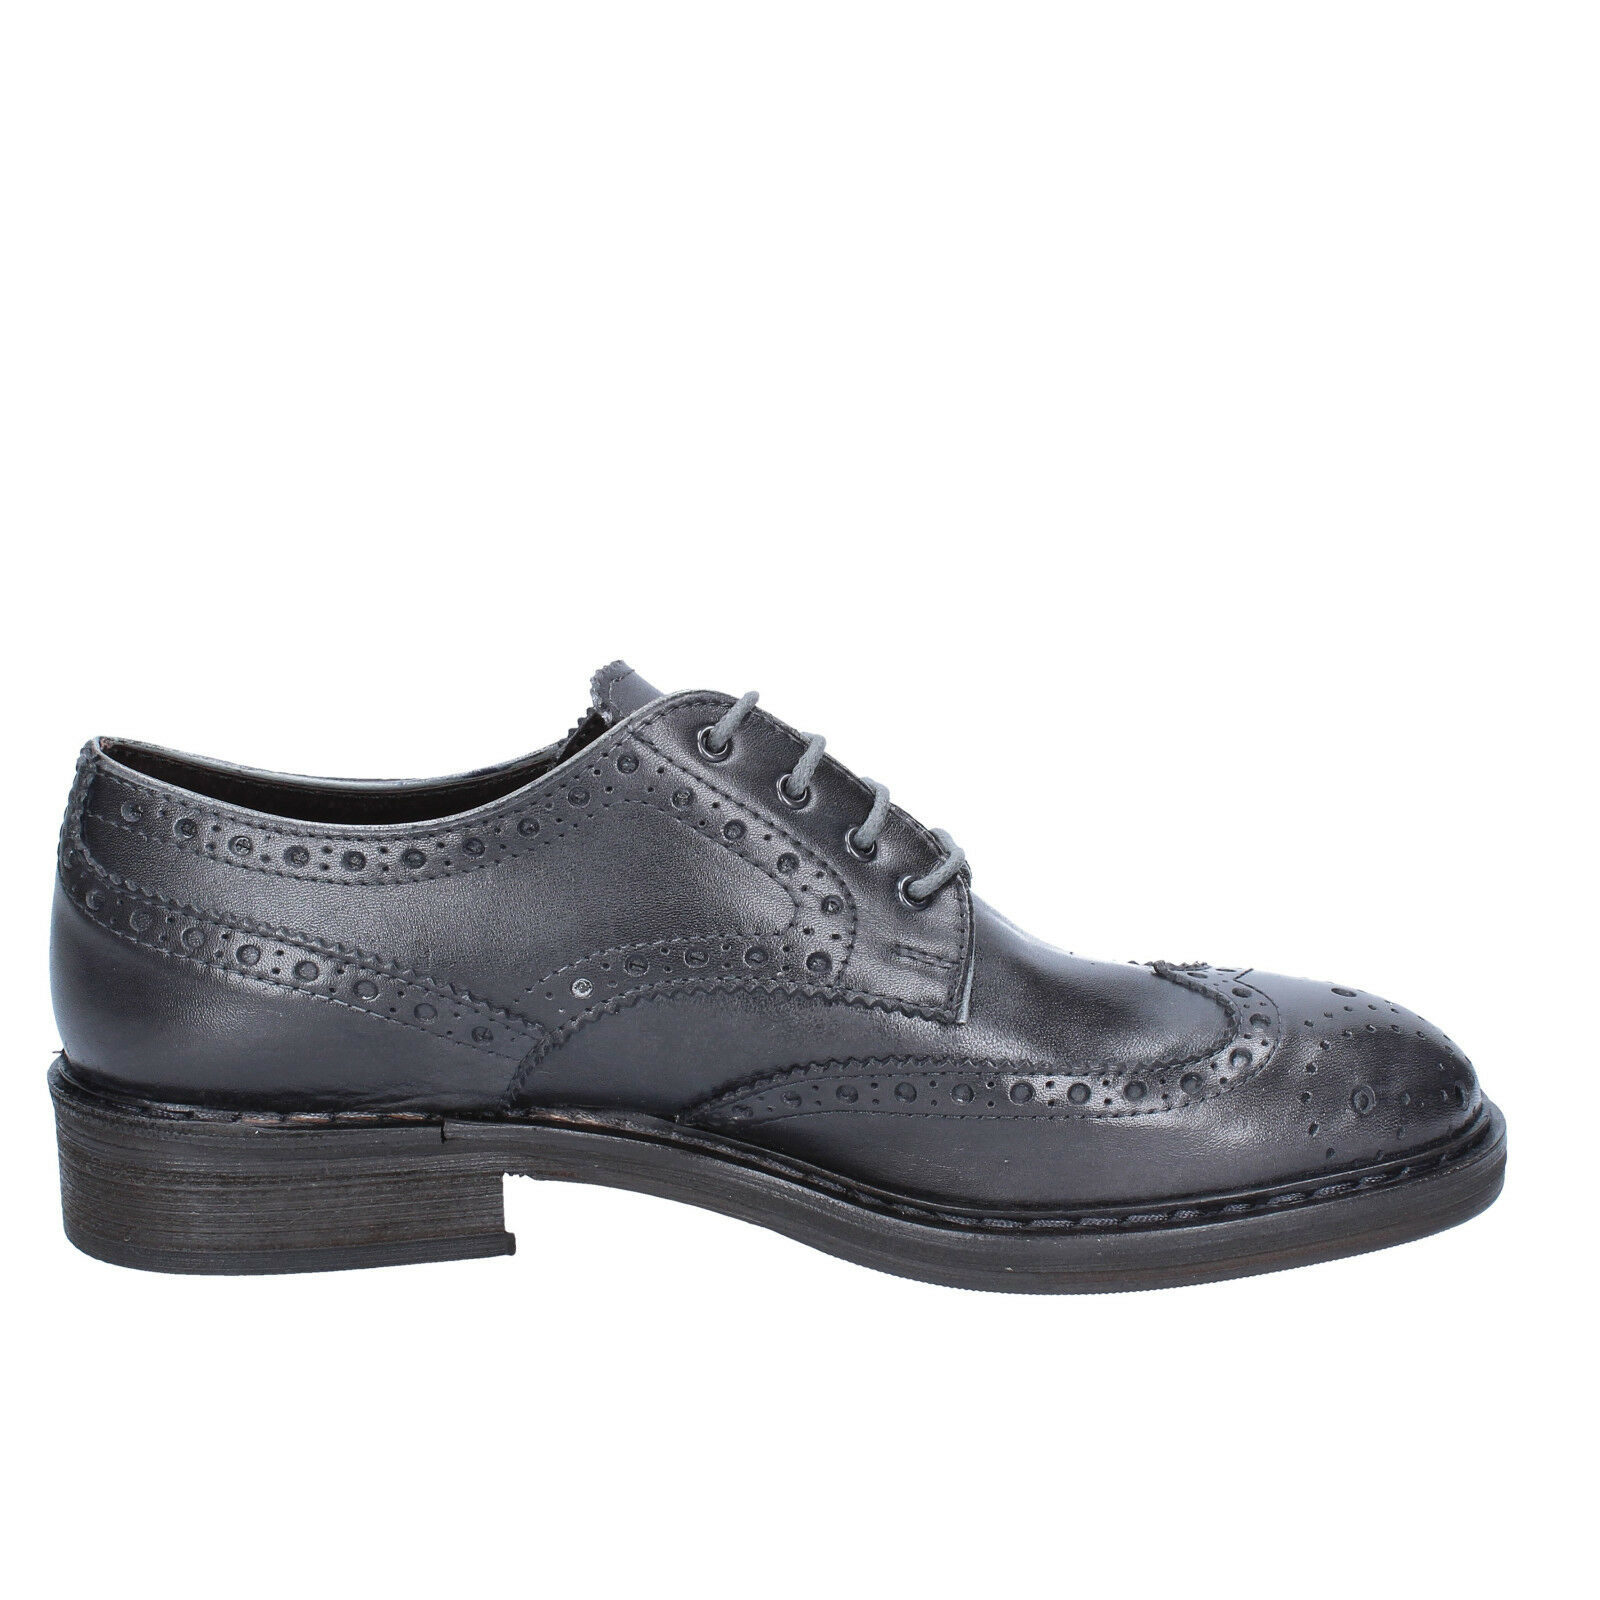 10 Uomo schuhe CESARE MAURIZI 10  (EU 44) elegant Grau Leder BX504-44 adfcdd